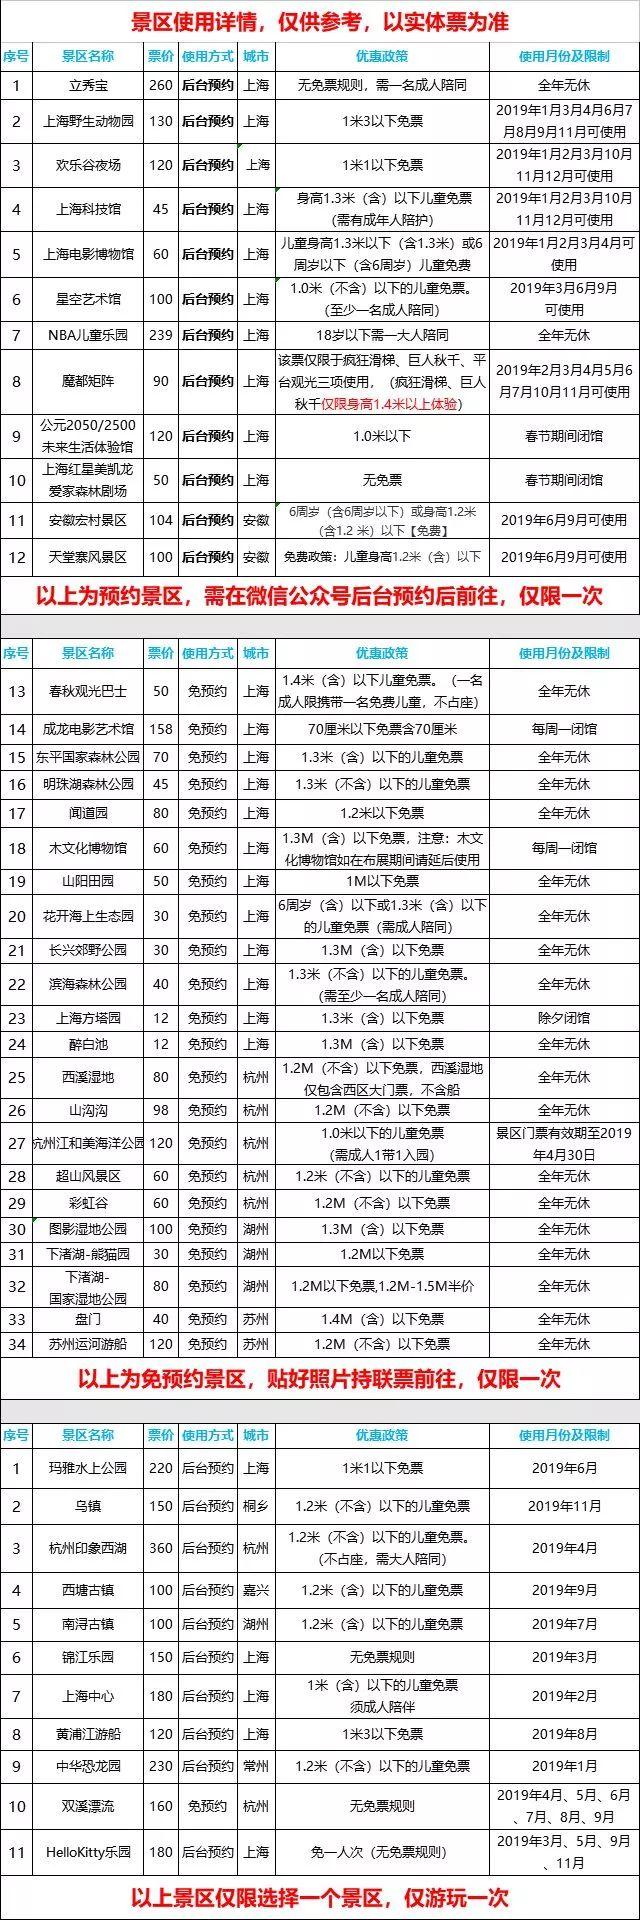 2019上海旅游联票景点大全 野生动物园欢乐谷夜场等30余家景区